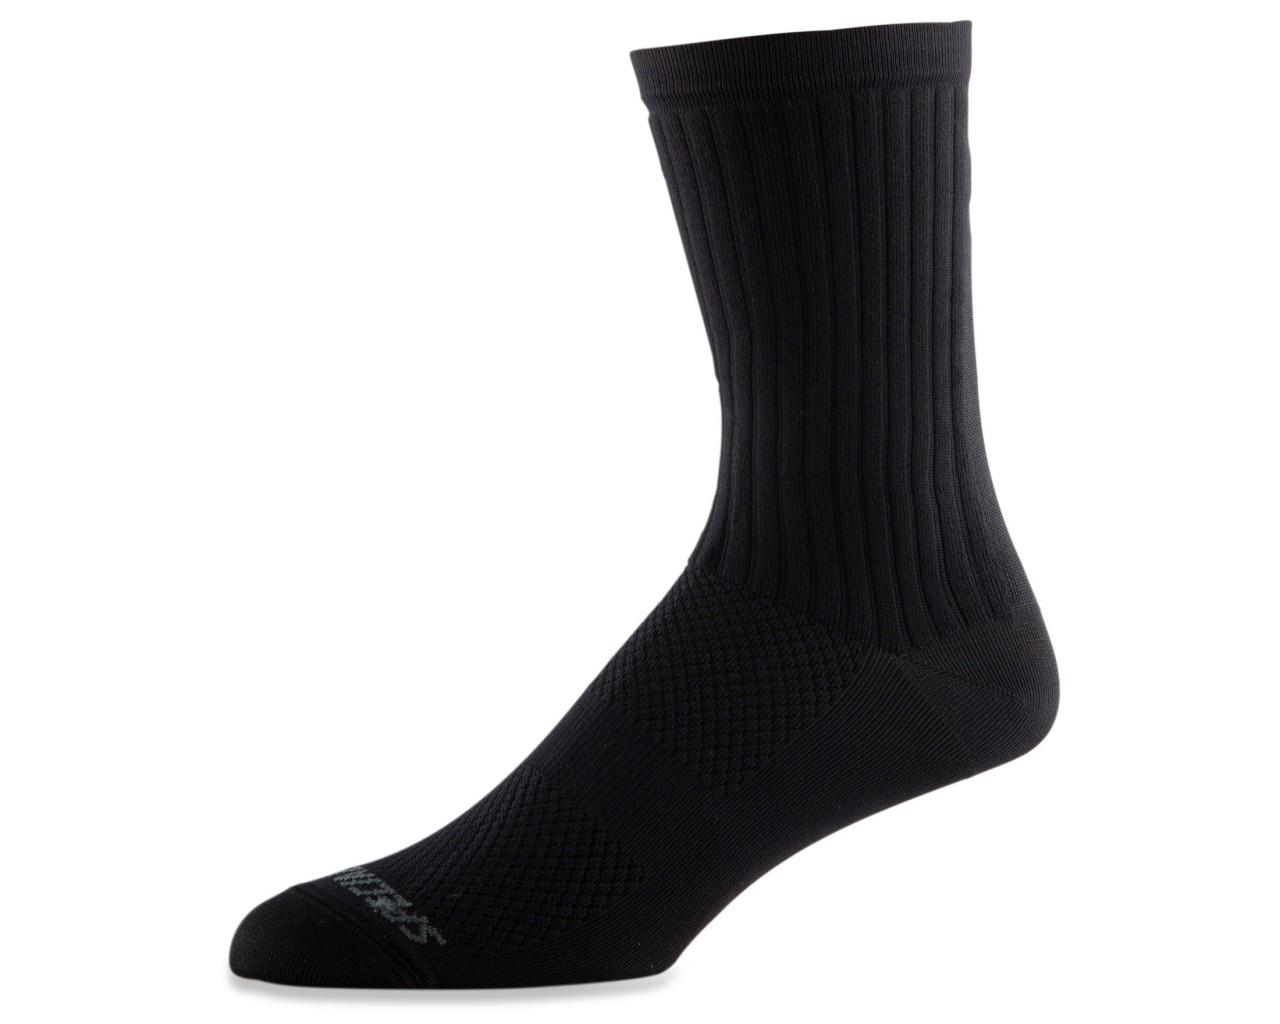 Specialized Hydrogen Aero Socken lang   black